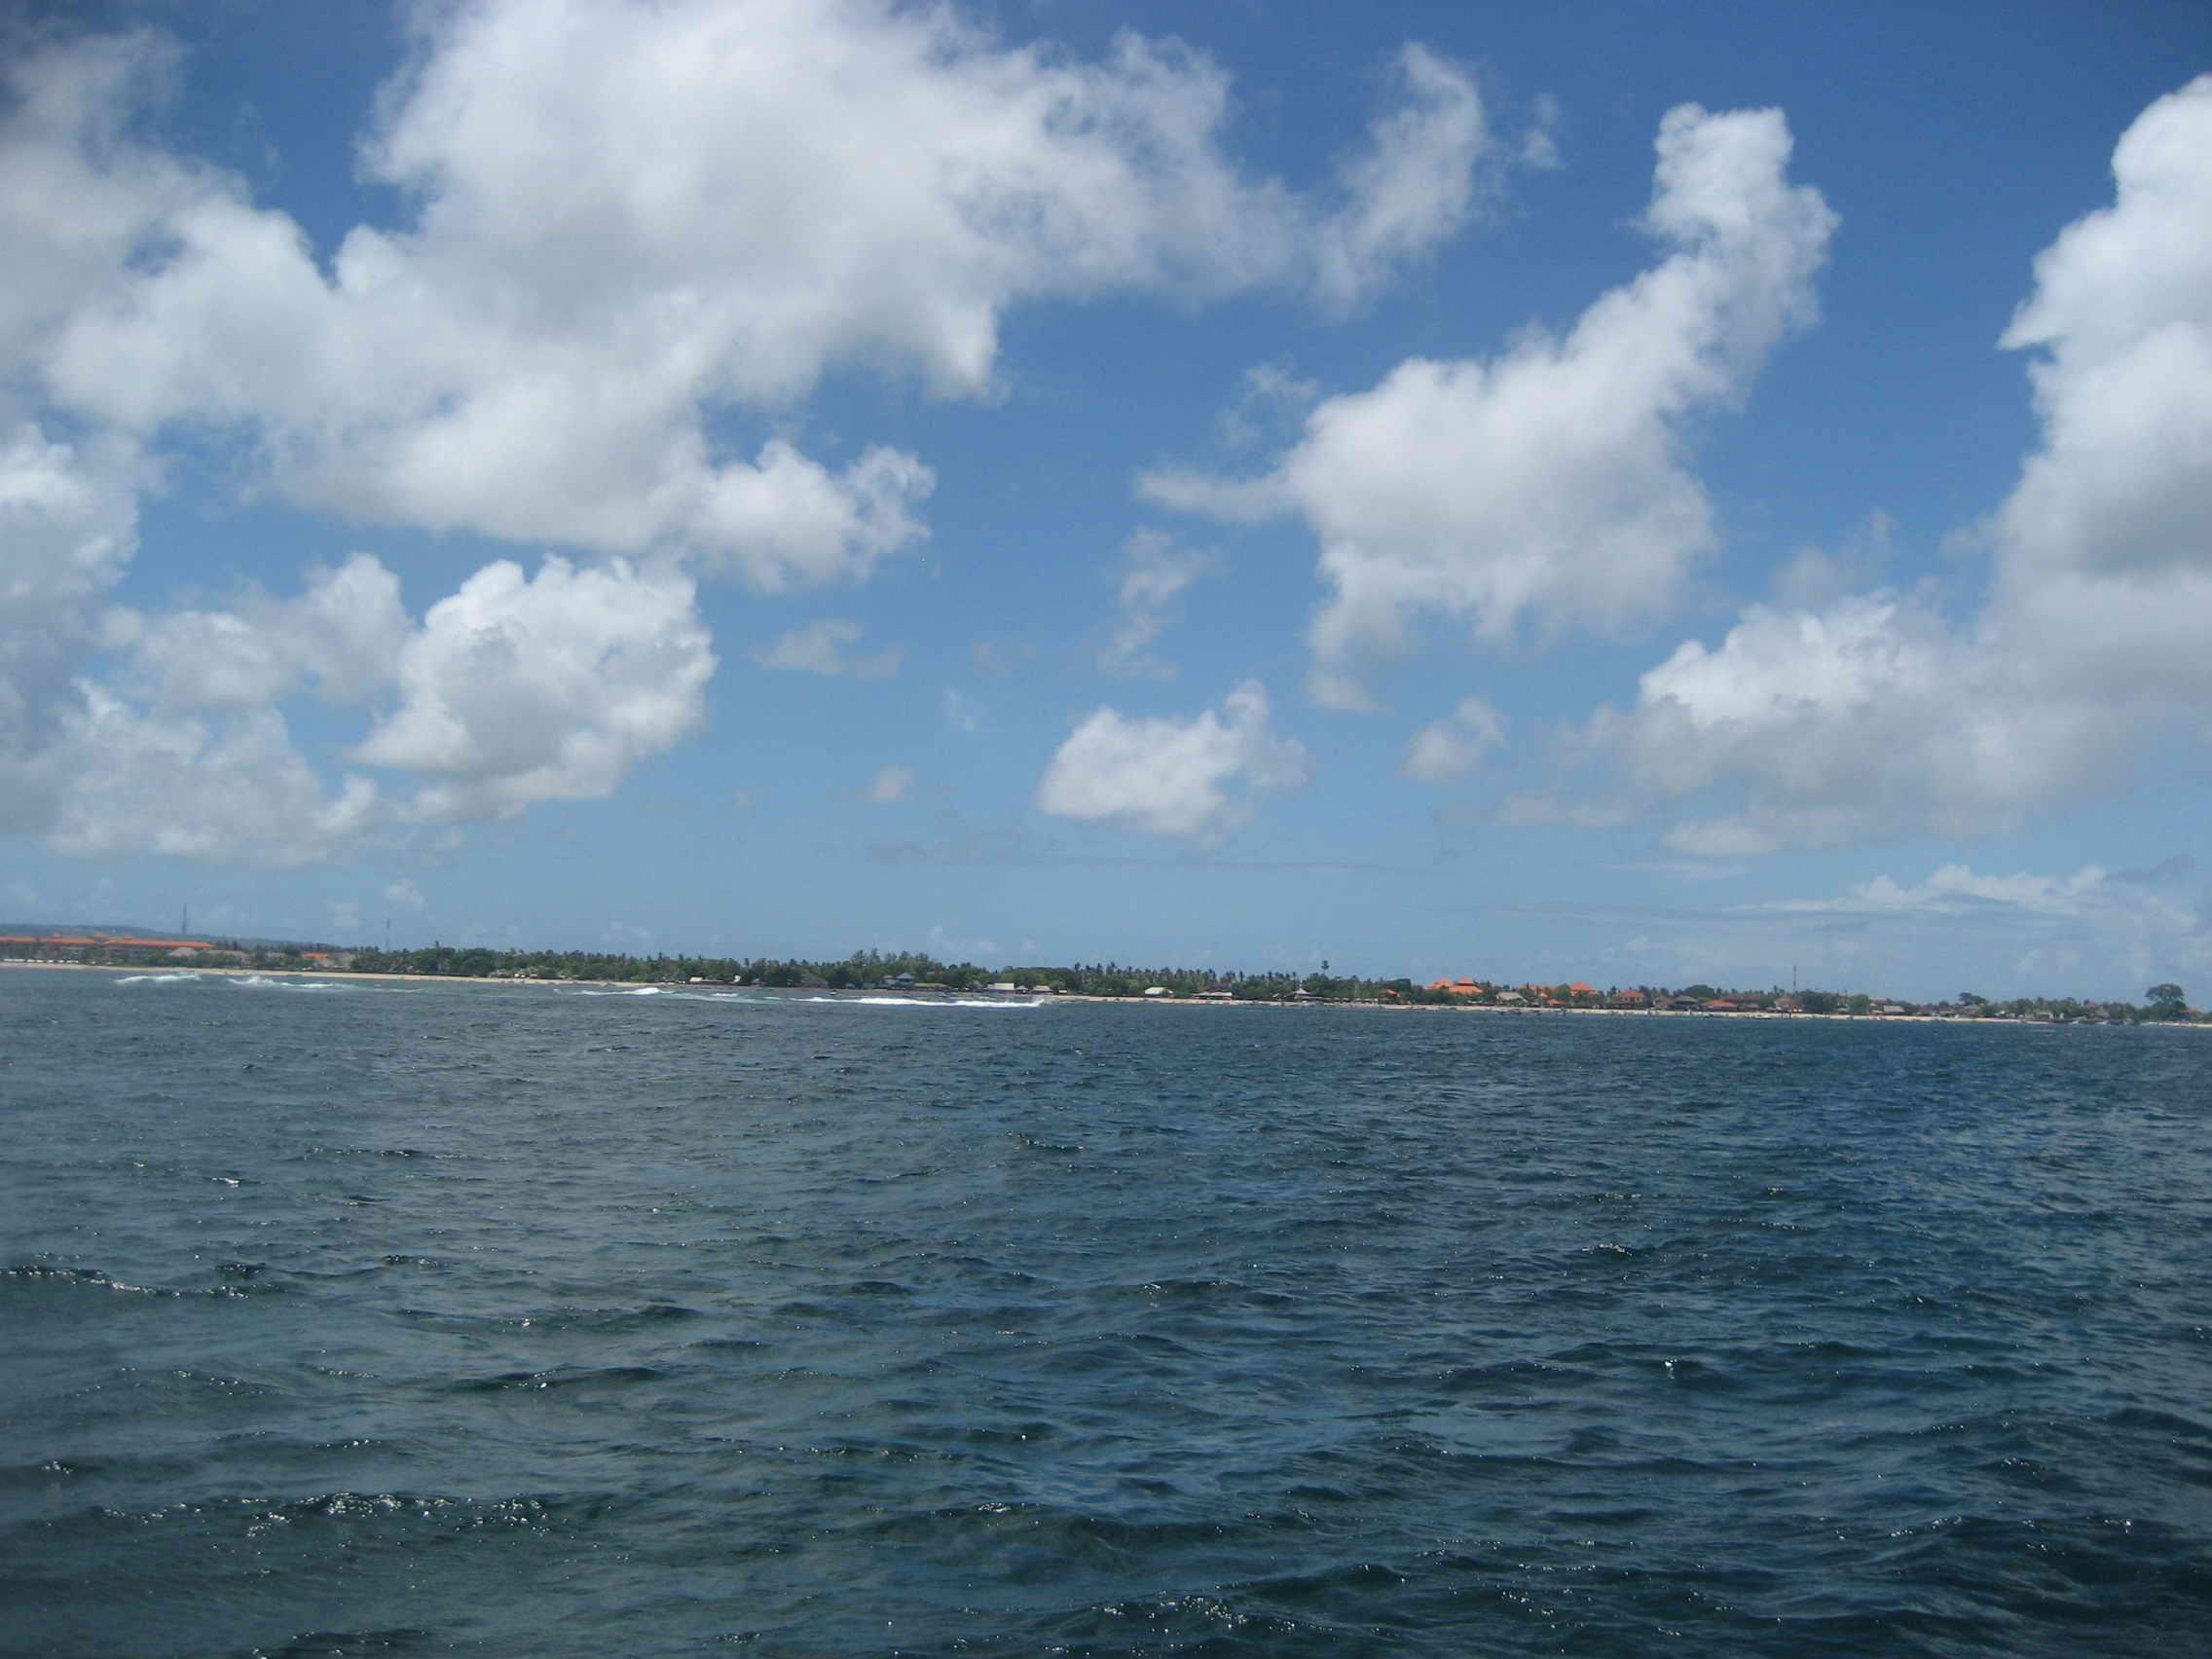 我去过国内的海南岛、美国的夏威夷以及巴厘岛。其实,潜水在巴厘岛是一个不错的选择,水质接近夏威夷,价格实惠而且当地人很友善。 刚刚从巴厘岛回来。这次感触最深的还是潜水,希望写下来和大家分享。 我在去巴厘岛之前,在ctrip做了一些功课,找的潜水公司是位于巴厘岛南面的Bayu Suta Dive公司。 单潜(single dive)的价格是35美元,双潜(double dives)是45美元。这个价格比当地华人旅行社的价格便宜差不多一倍左右。这个价格包括所有的潜水器械以及交通接送费用。 另外我还租用了一个水下